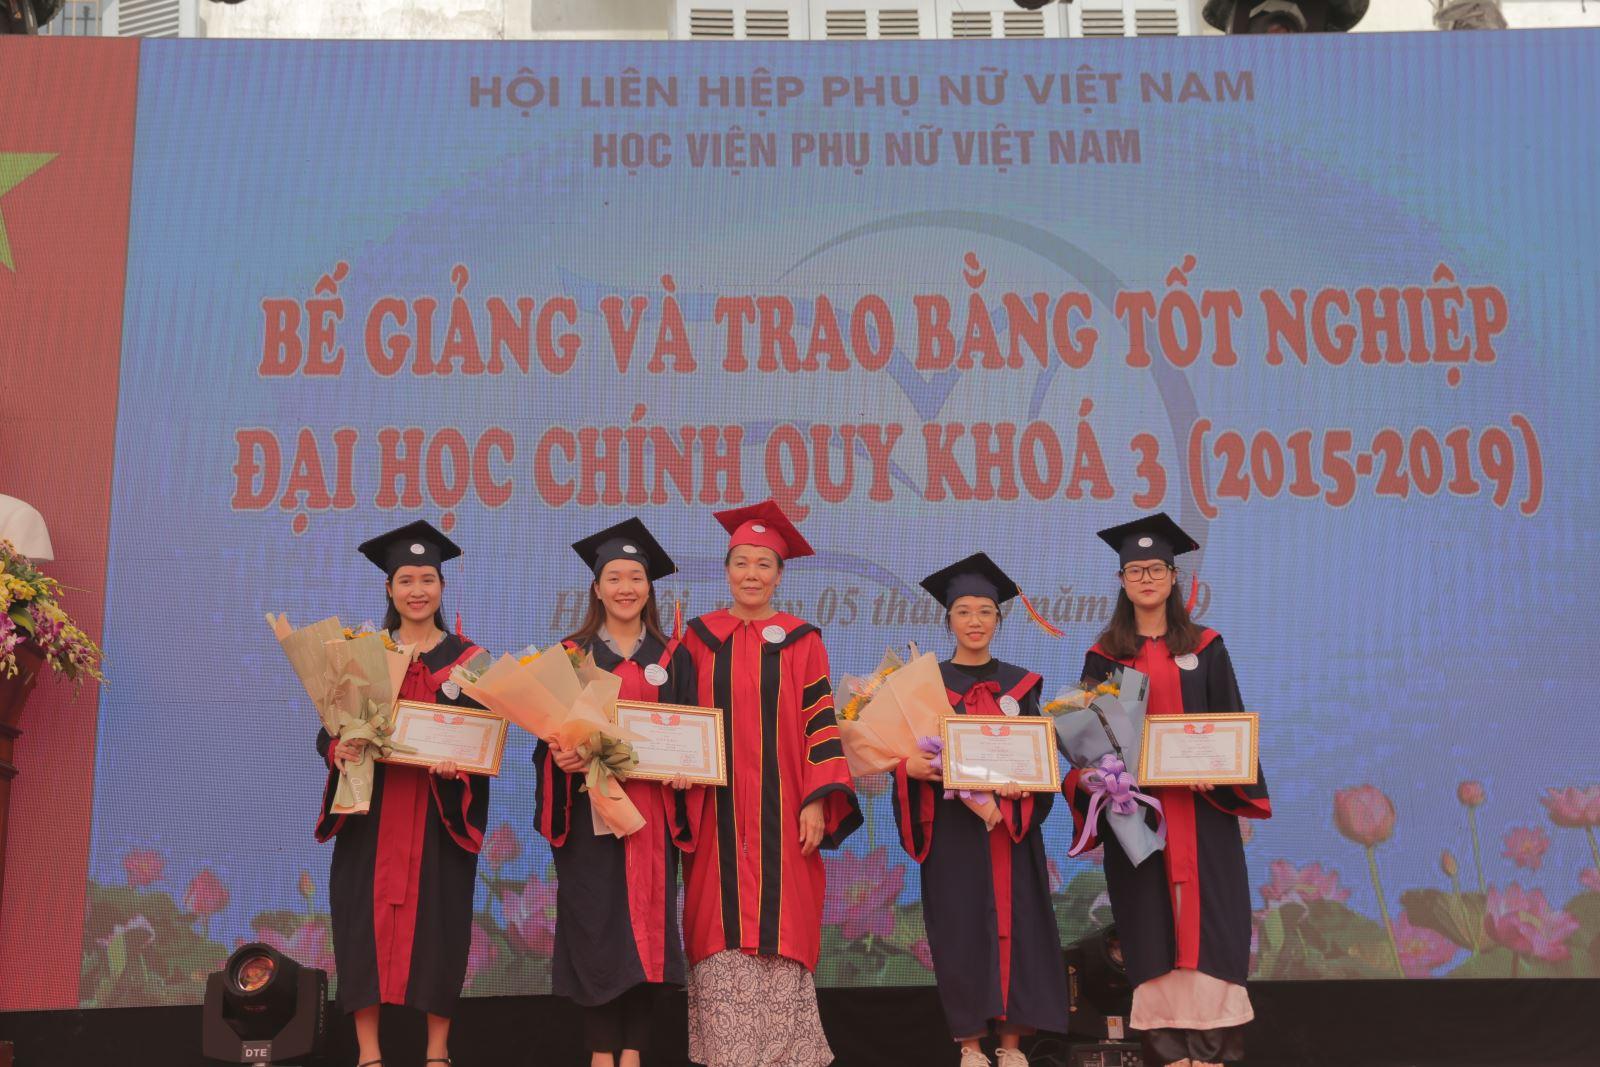 Báo Phụ nữ Việt Nam: Mỗi cử nhân tốt nghiệp từ Học viện PNVN sẽ là một chuyên gia về giới